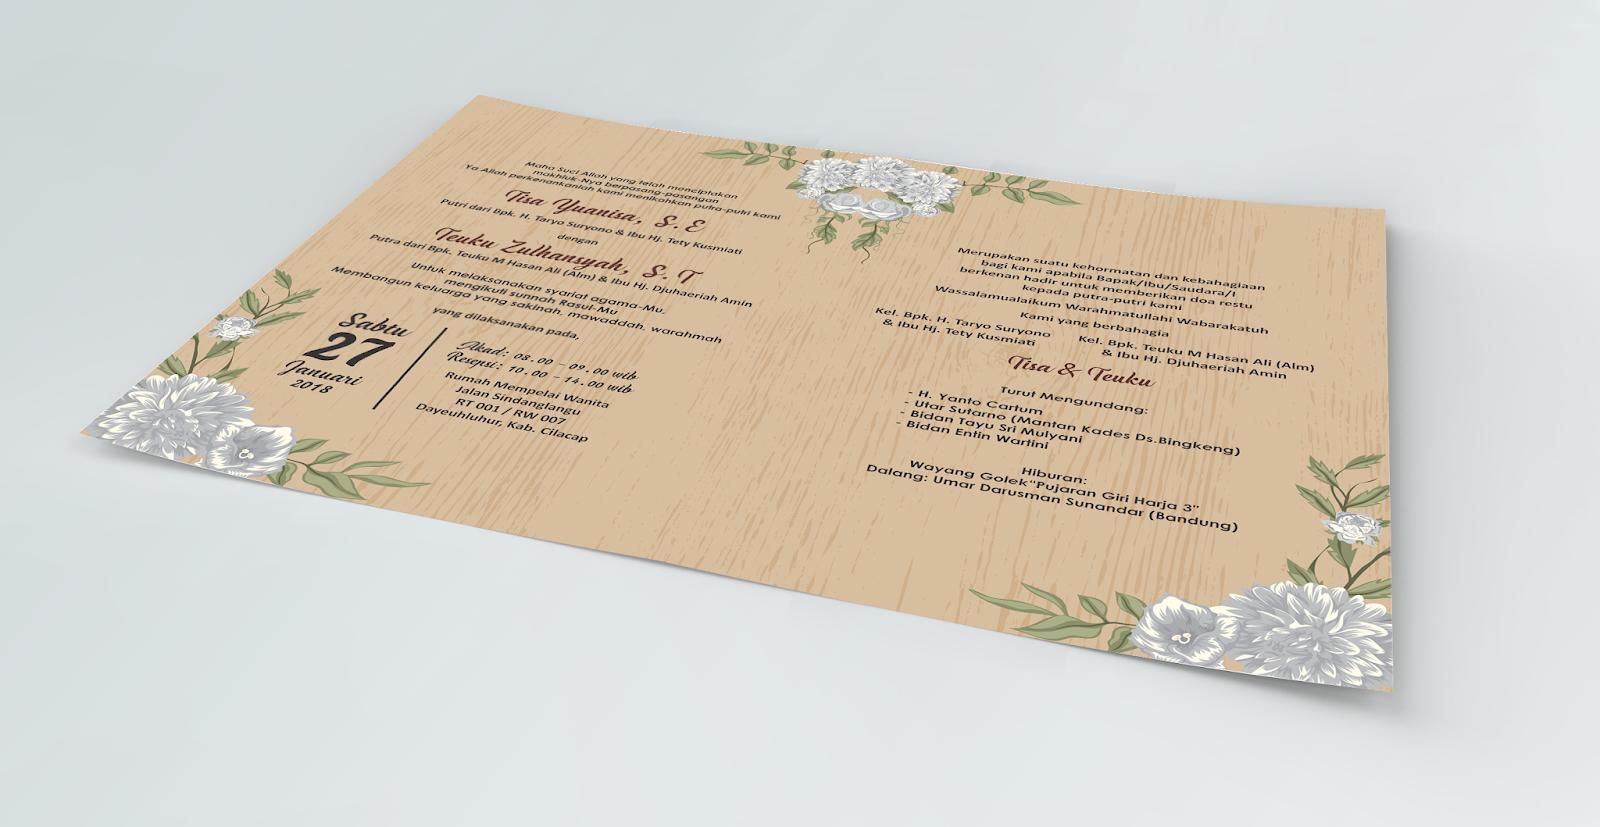 44 Ide Desain Undangan Pernikahan Cilacap Terbaik Yang Bisa Anda Tiru